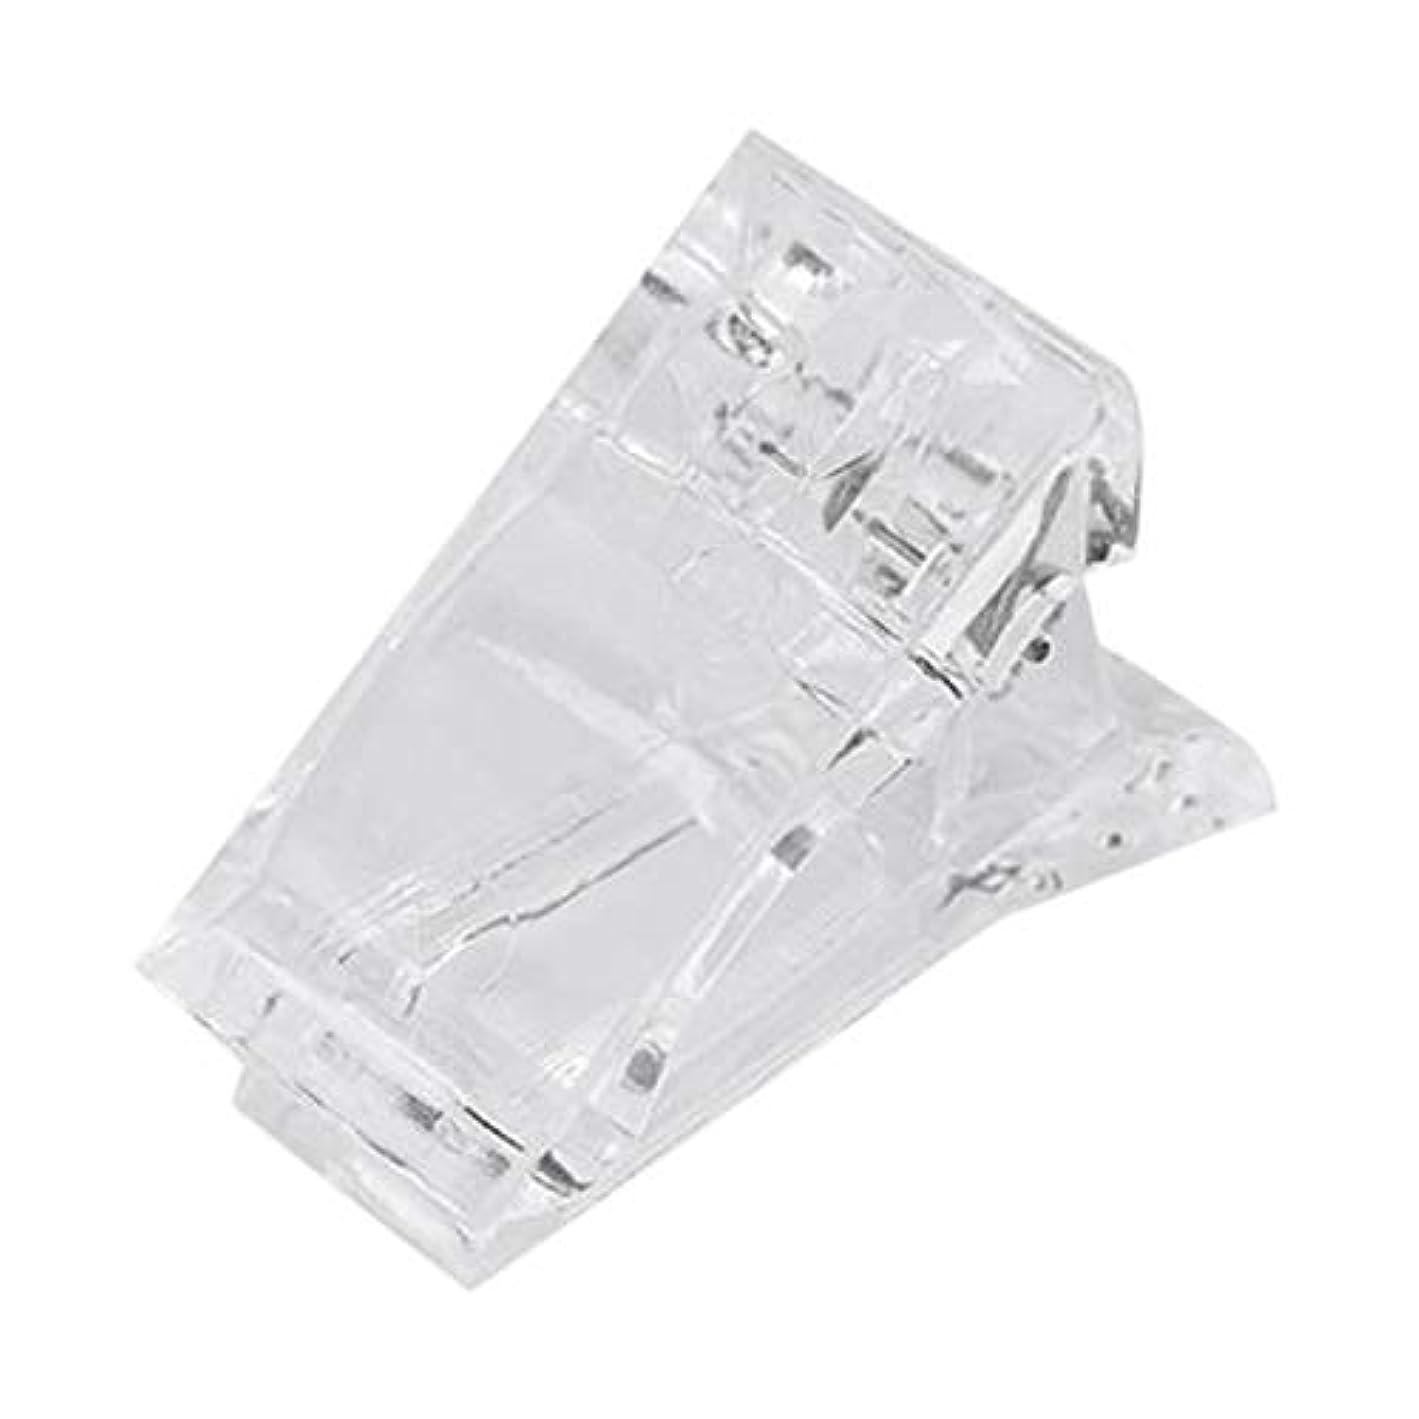 見つける回転するヒューズTOOGOO ネイルのクリップ 透明指ポリクイック ビルディングジェルエクステンション ネイルアート マニキュアツール アクセサリー 偽ネイル